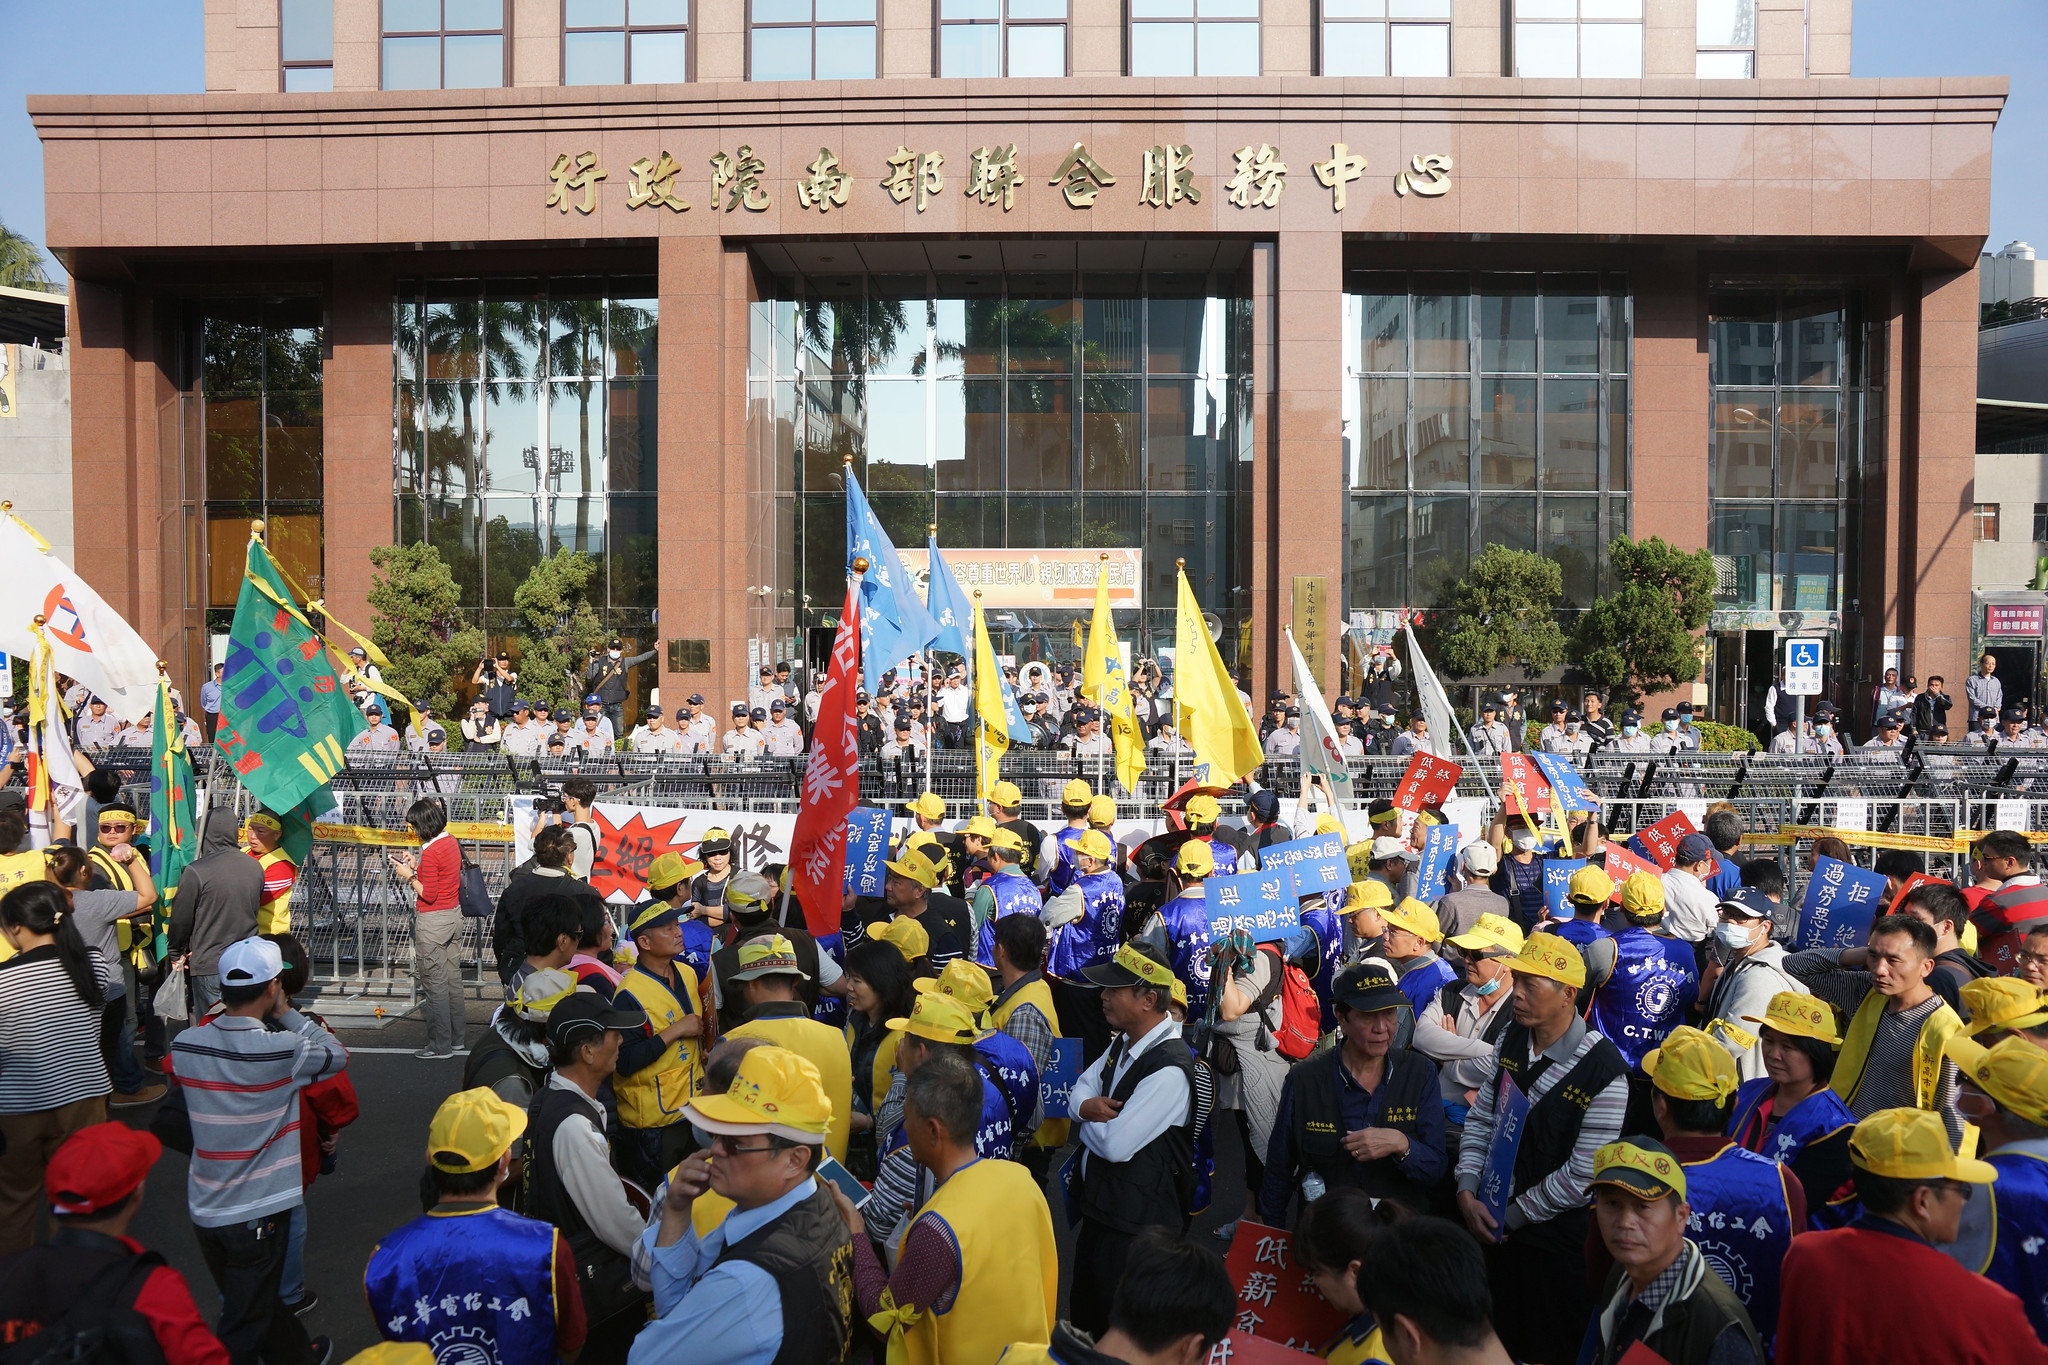 行政院南辦前,警方佈置大量警力、鐵架與拒馬防守。(攝影:王顥中)